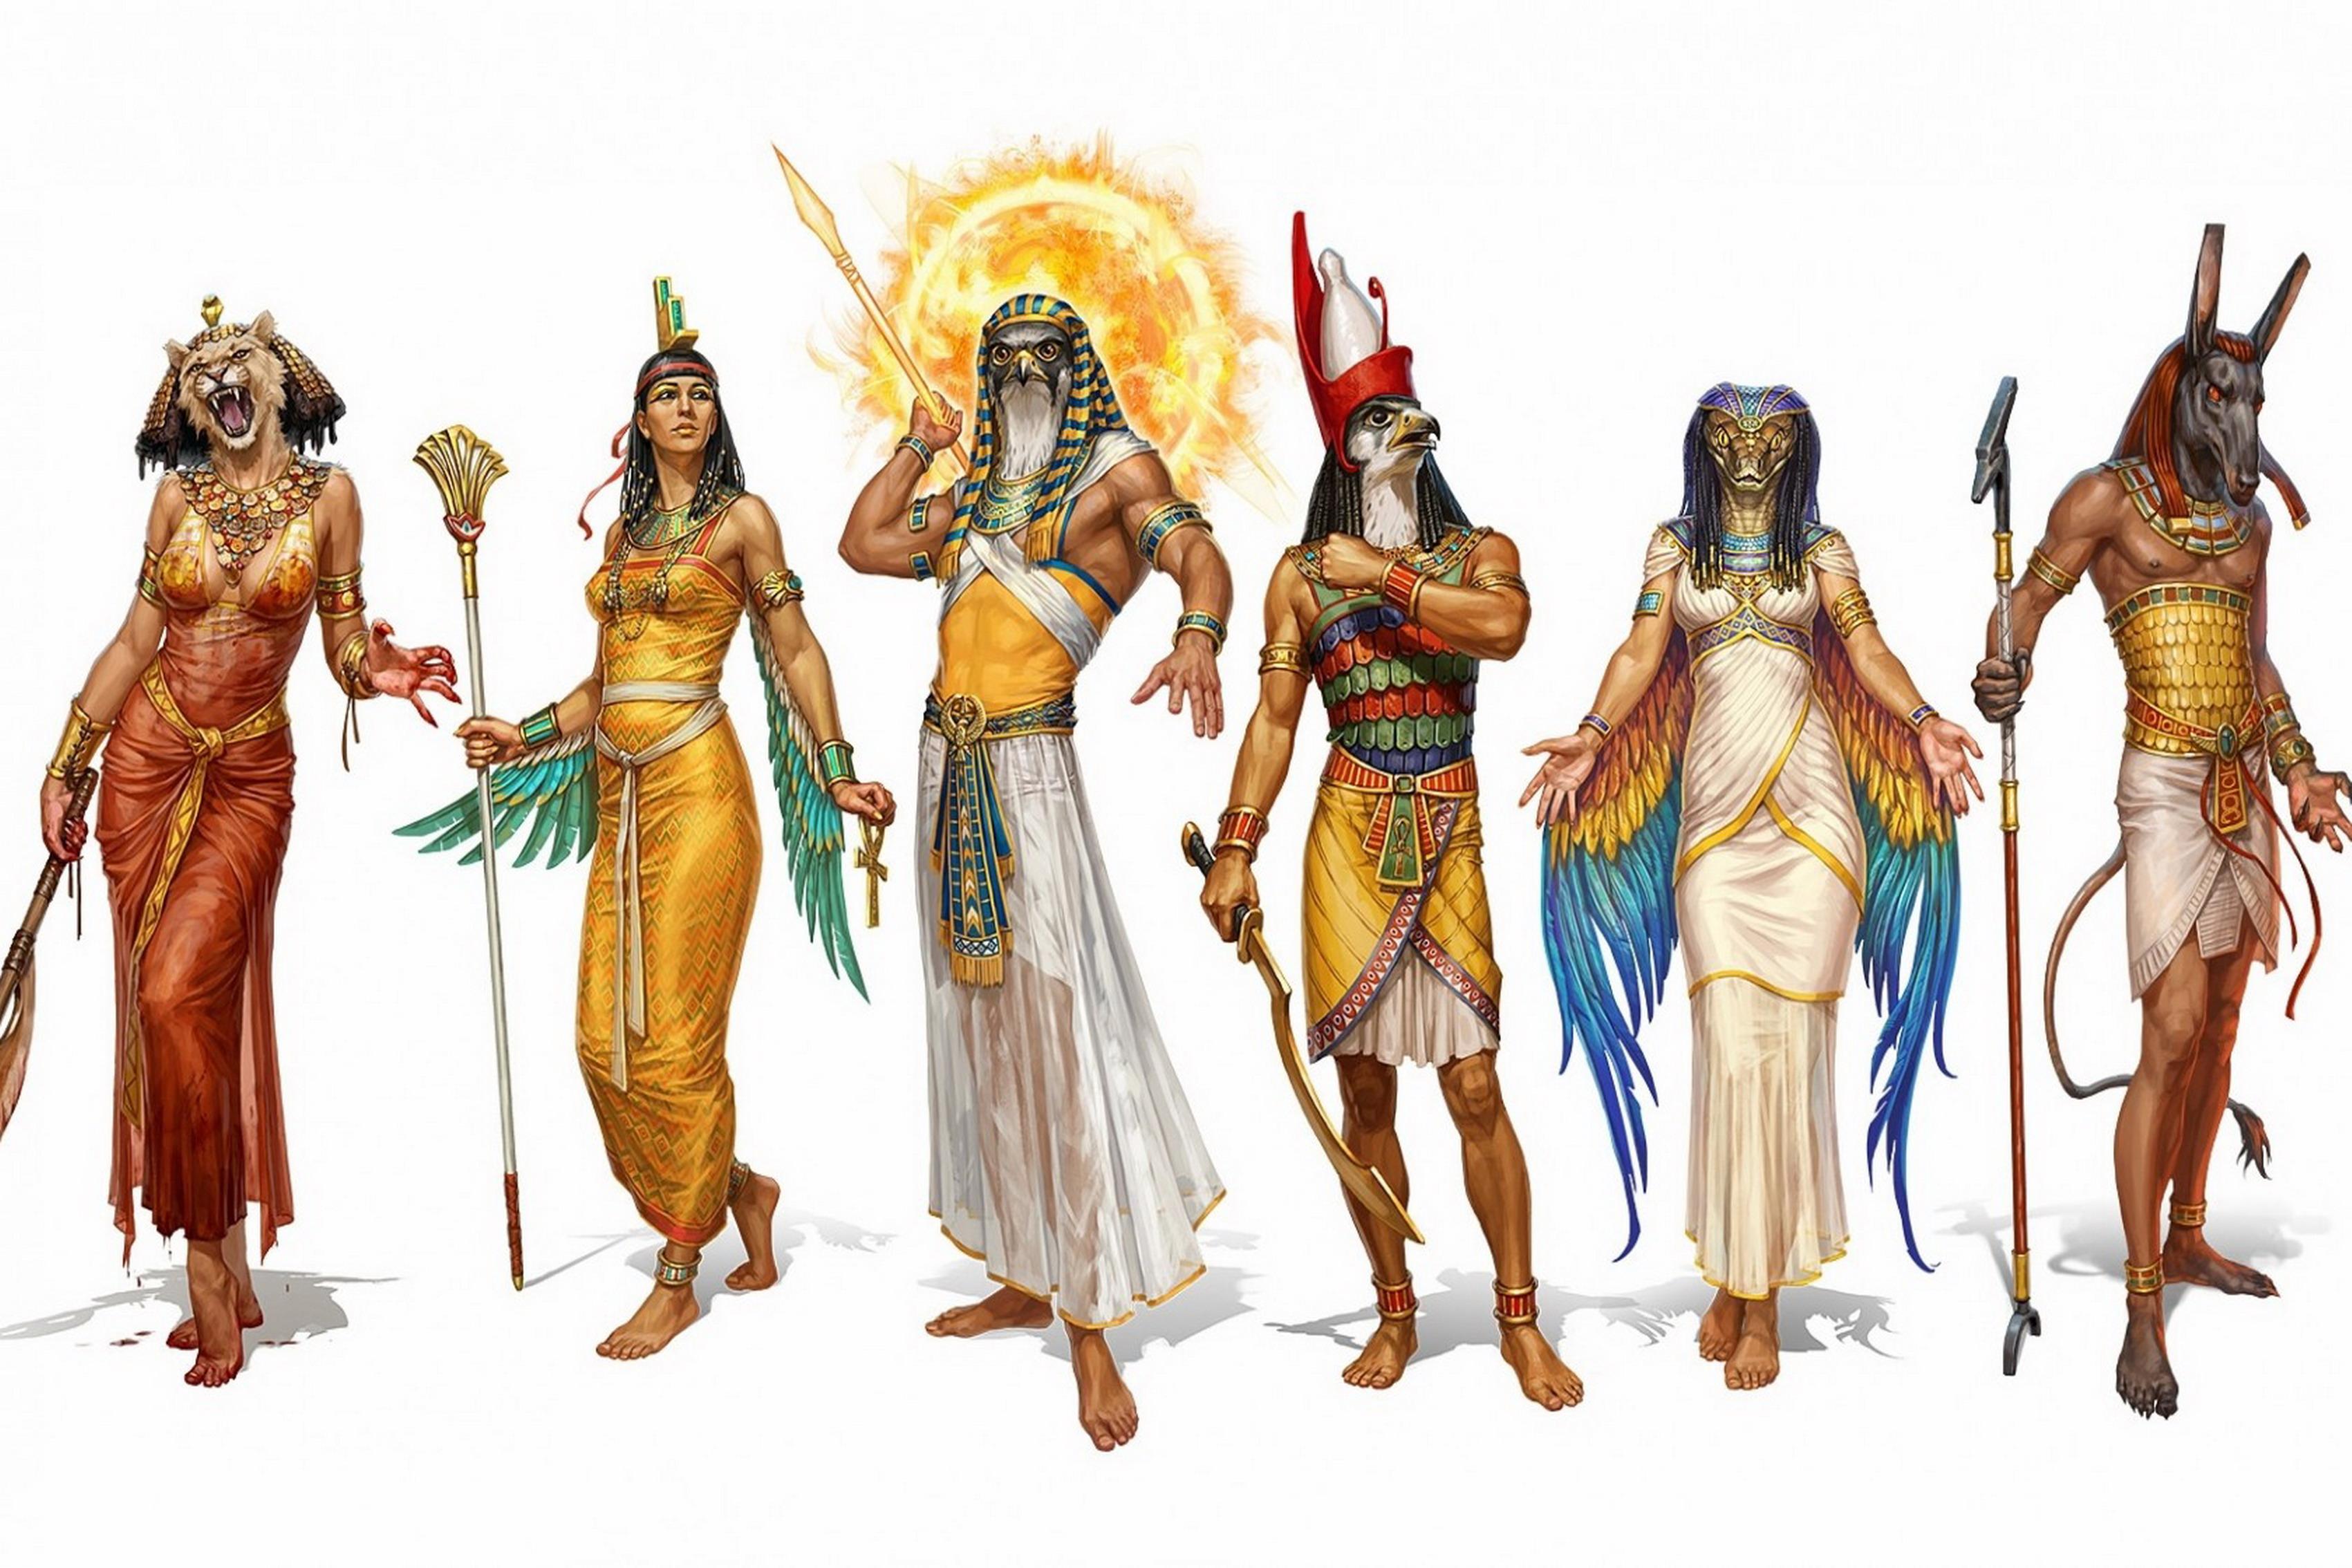 Egypt Warrior Illustration Anubis Pyramid Fantasy Art: 8 Principais Deuses Egípcios E Suas Respectivas Históricas